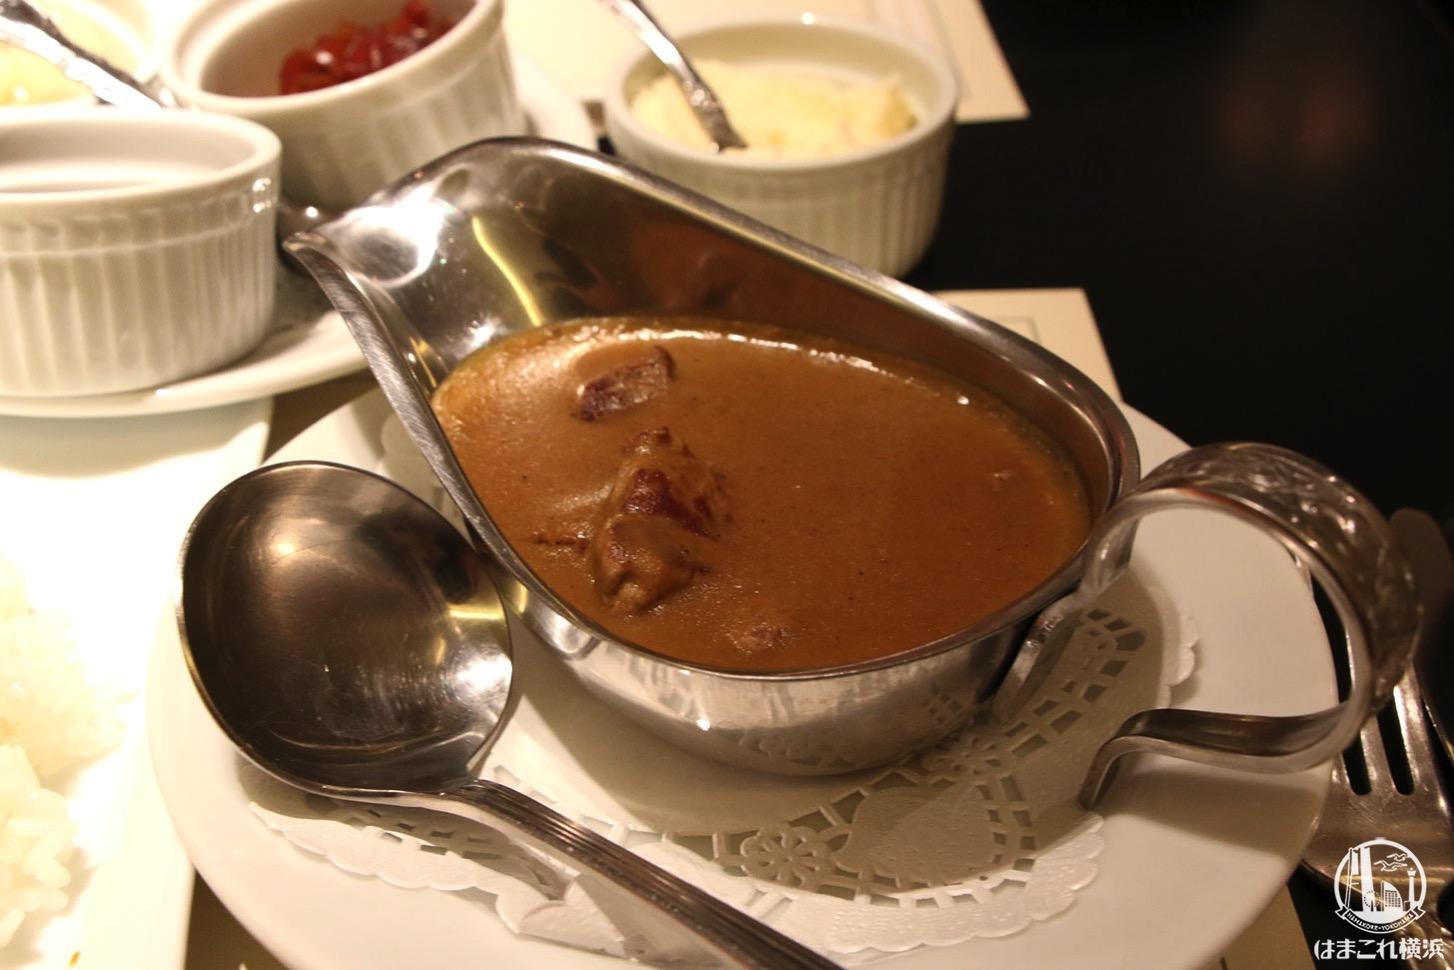 食いしん坊の一皿 ホテルニューグランド物語 ビーフカレー